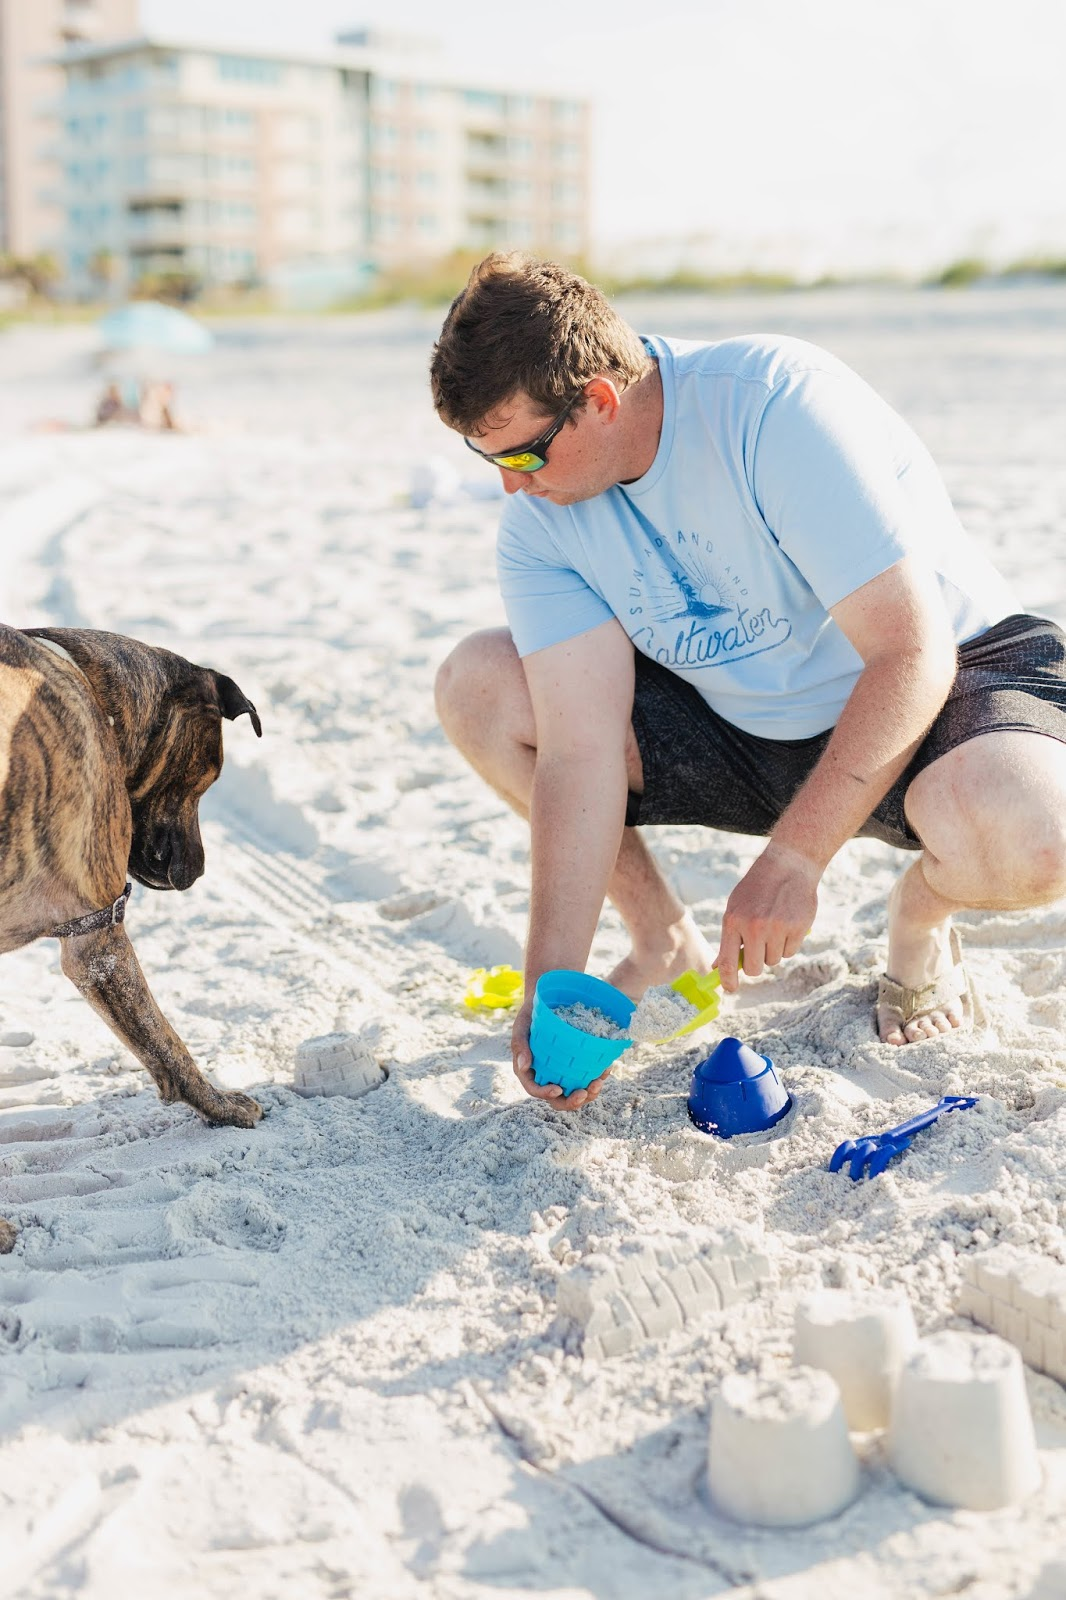 man building sand castle on the beach